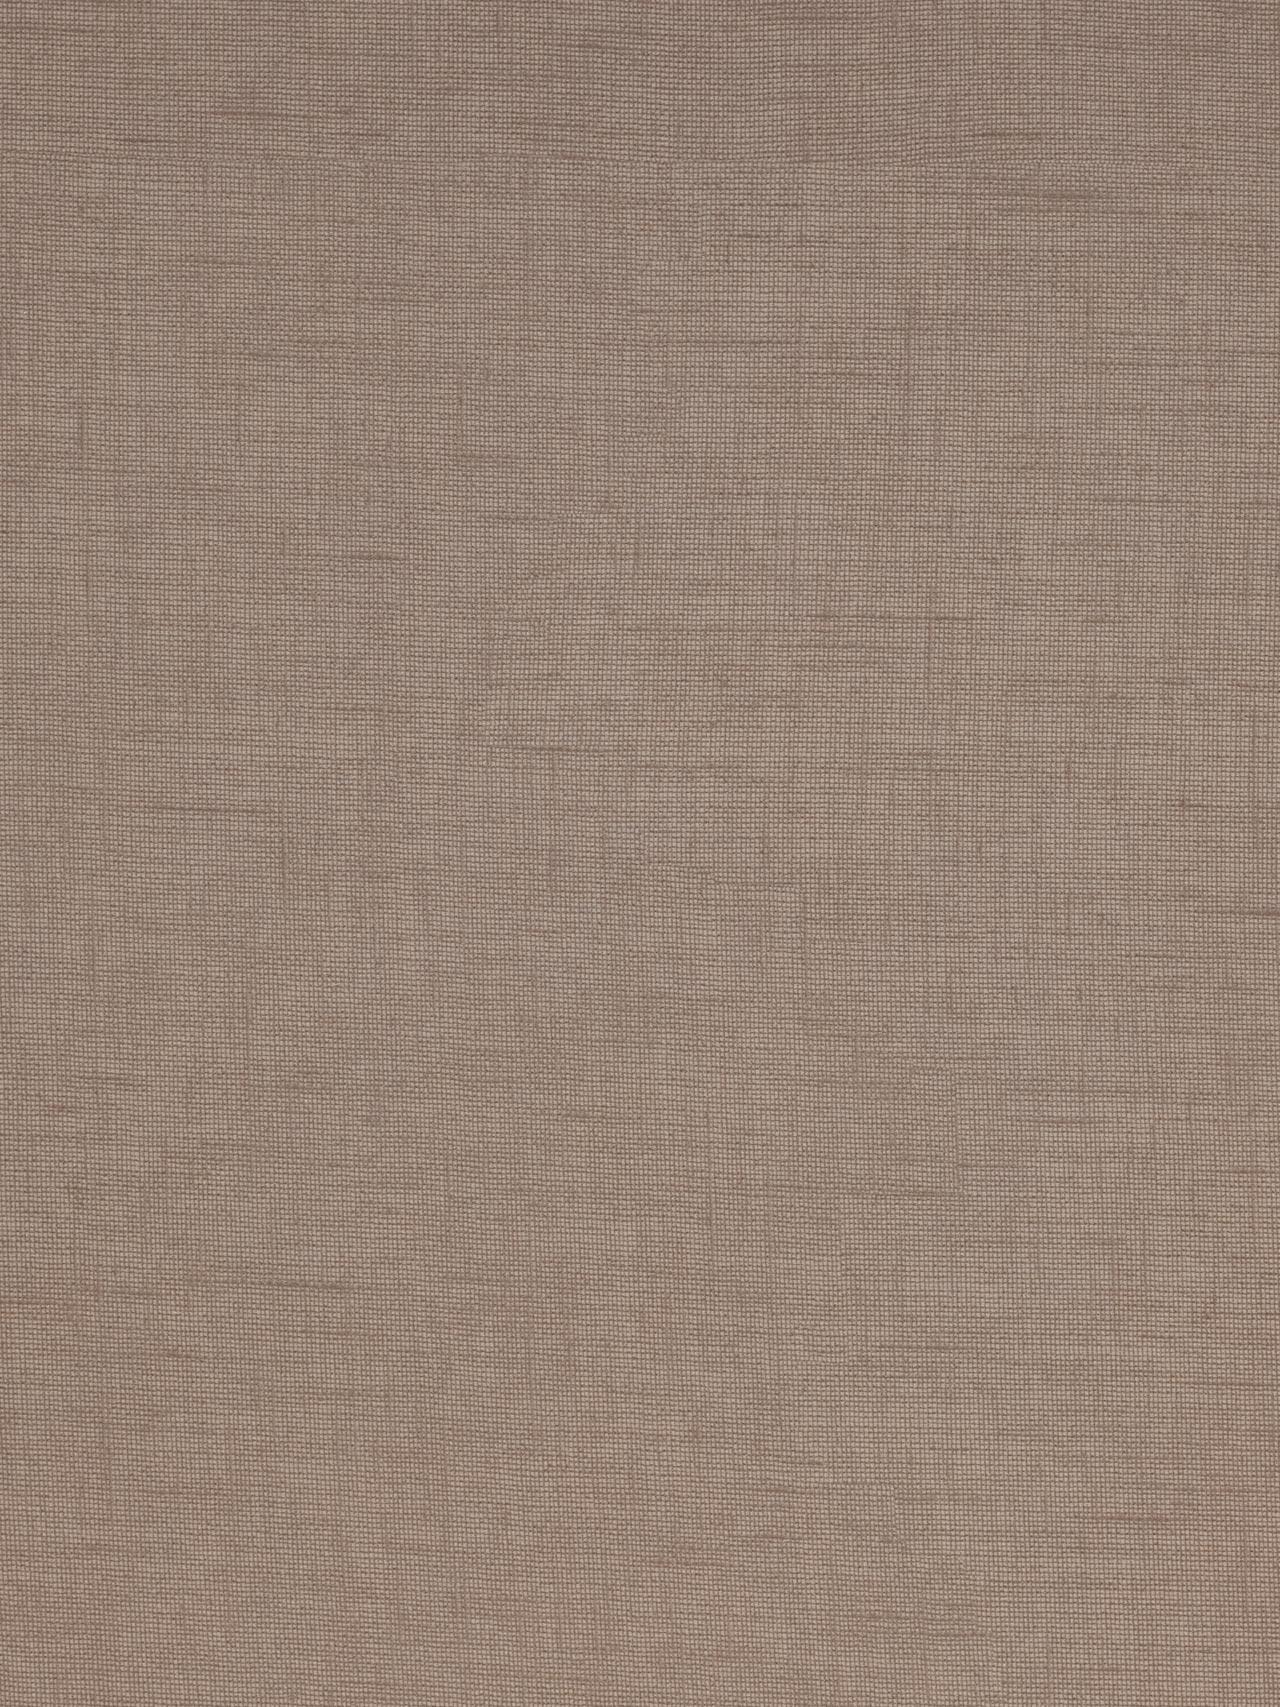 Melamina Textile Capuccino Losán